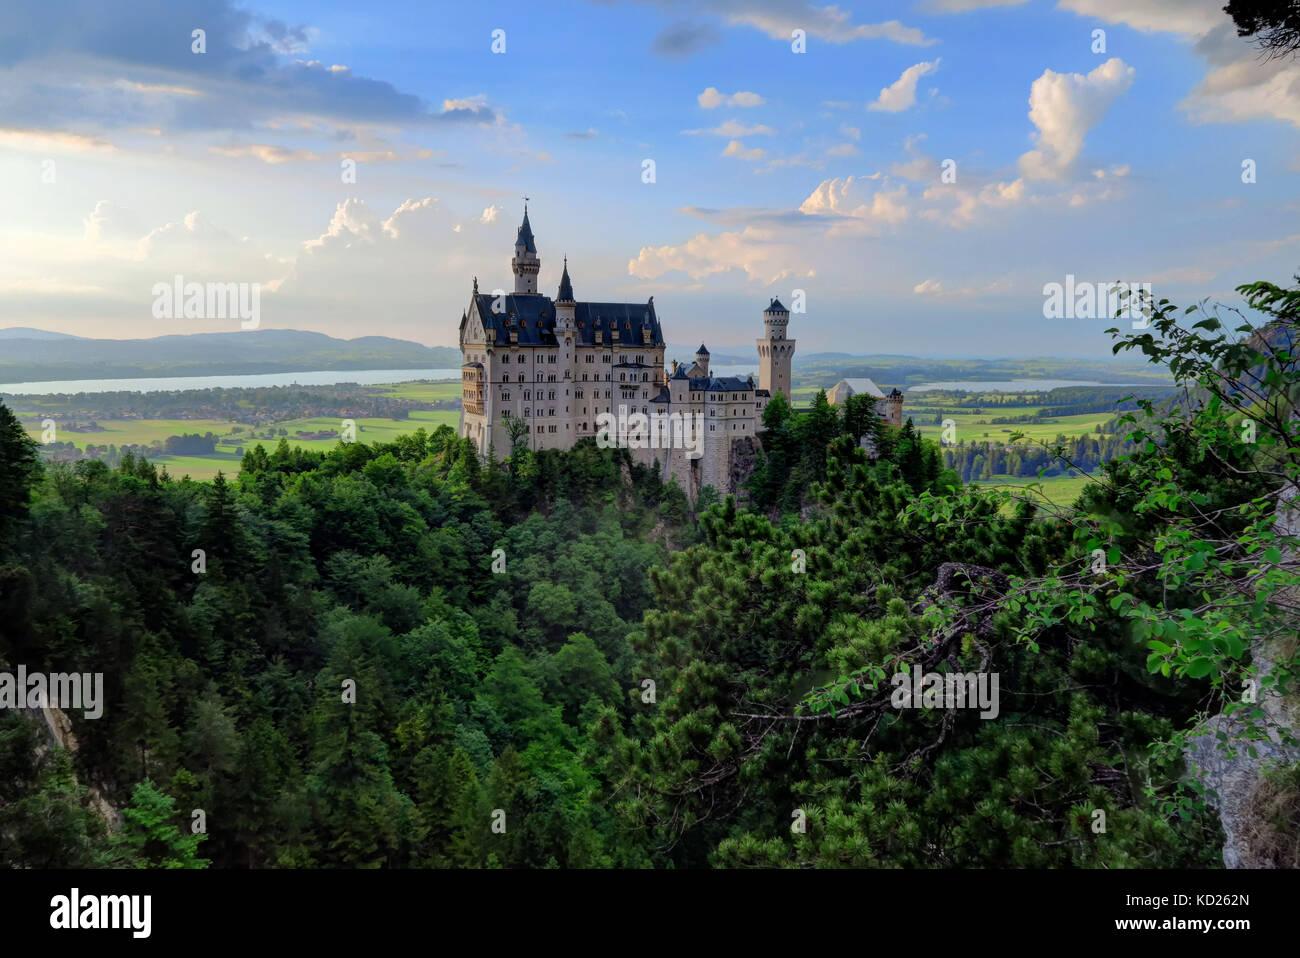 Back behind shot of Neuschwanstein Castle, valley, and village of Hohenschwangau, near Füssen in southwest - Stock Image